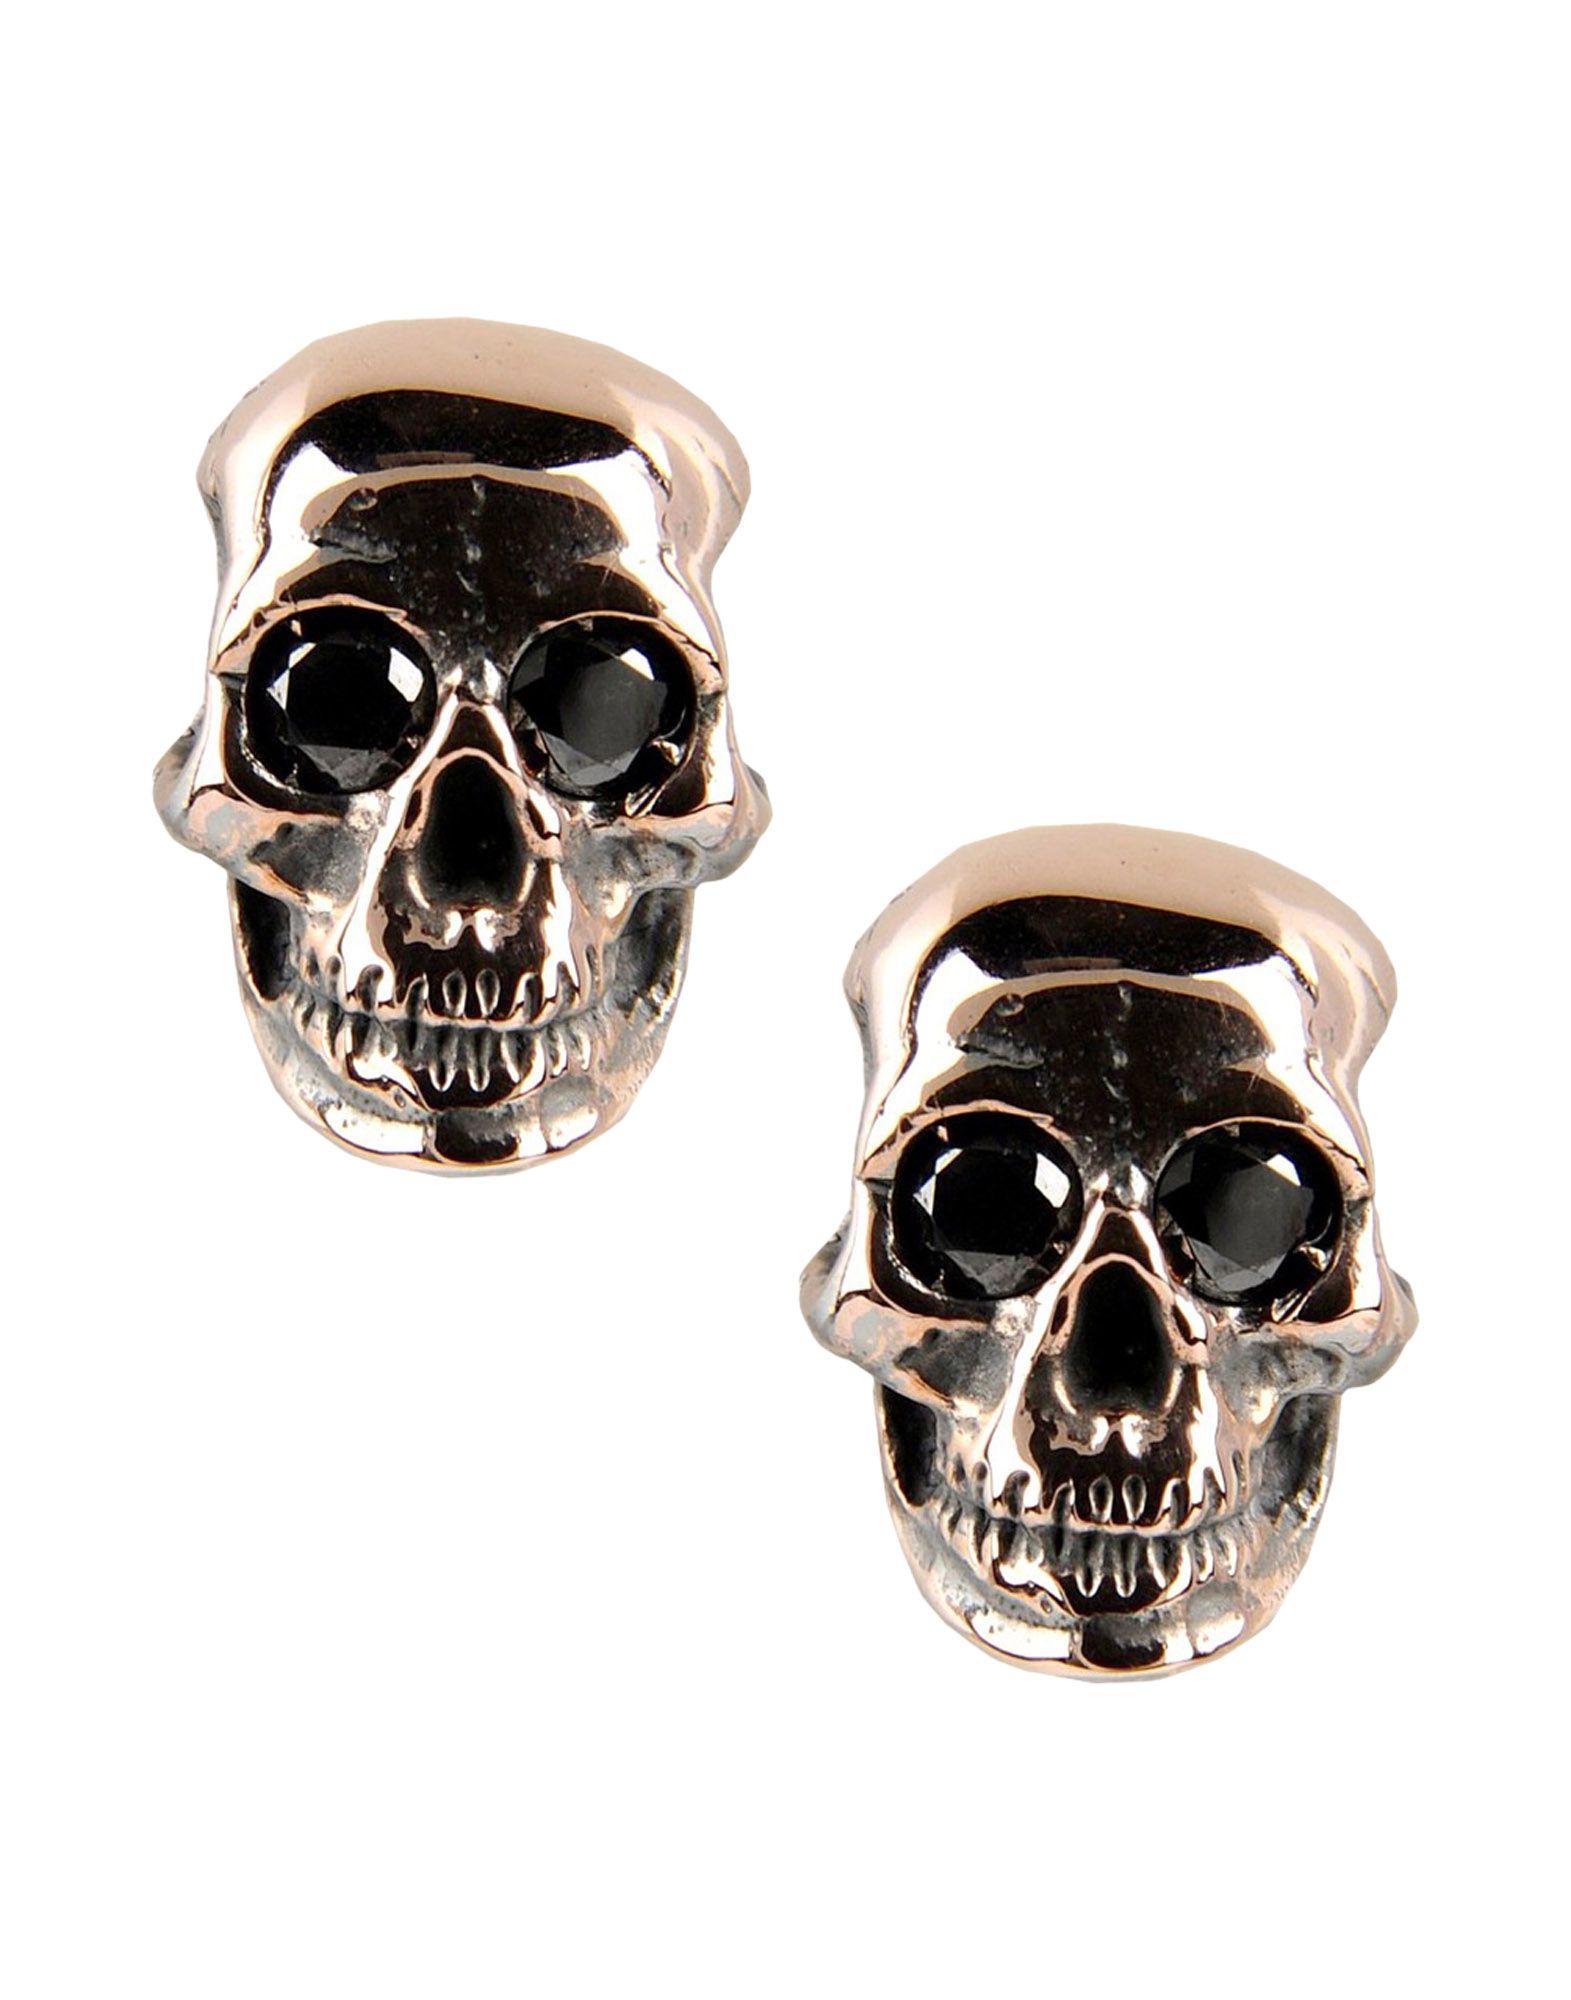 MANUEL BOZZI Earrings in Copper